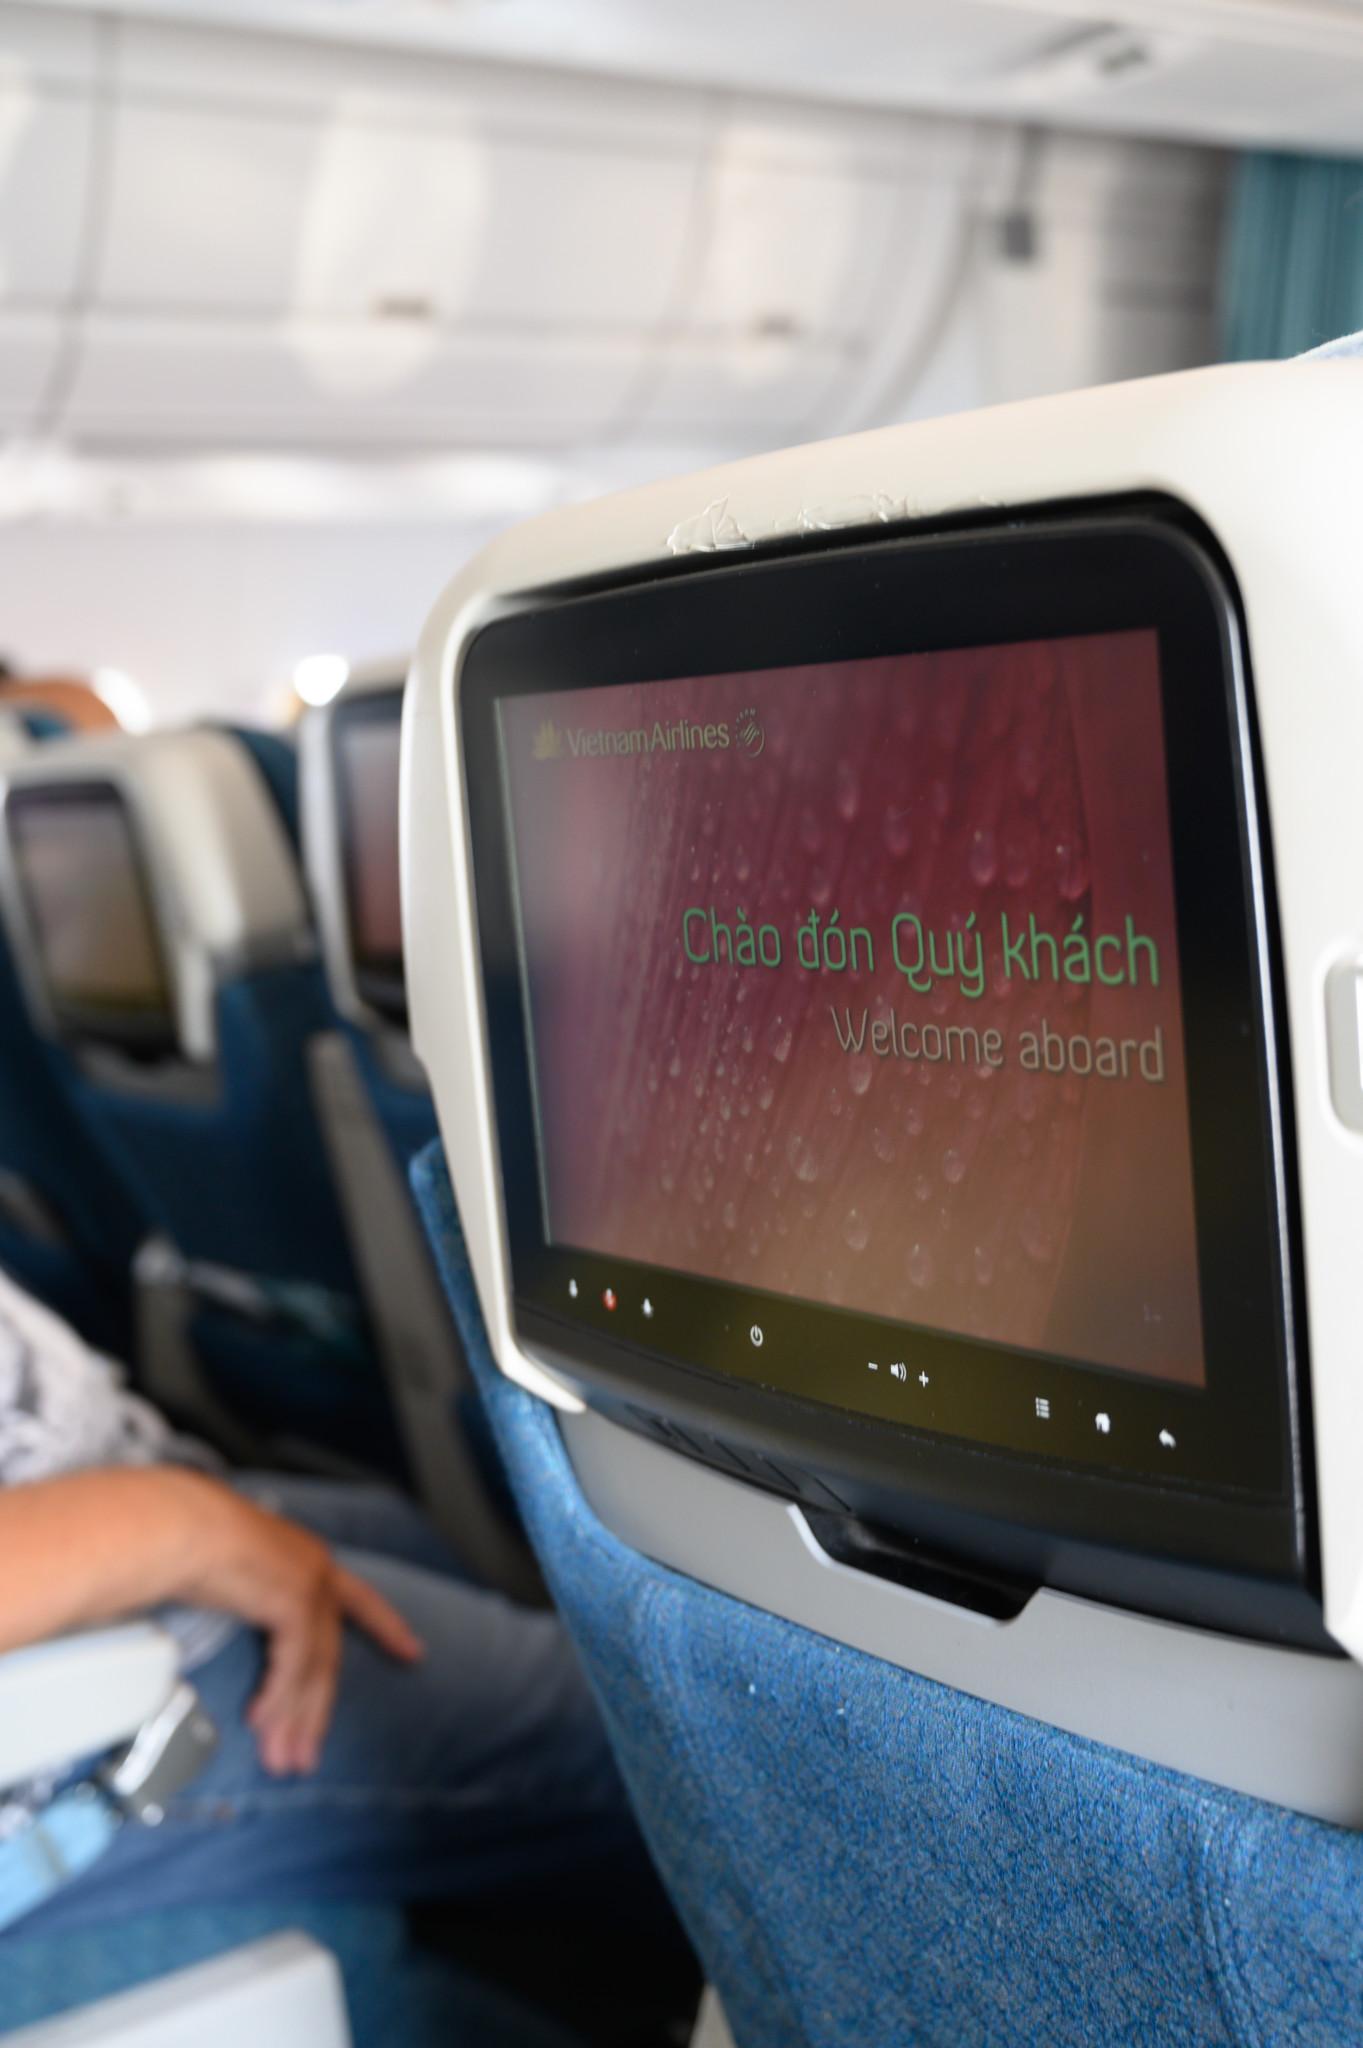 Monitor bei Vietnam Airlines